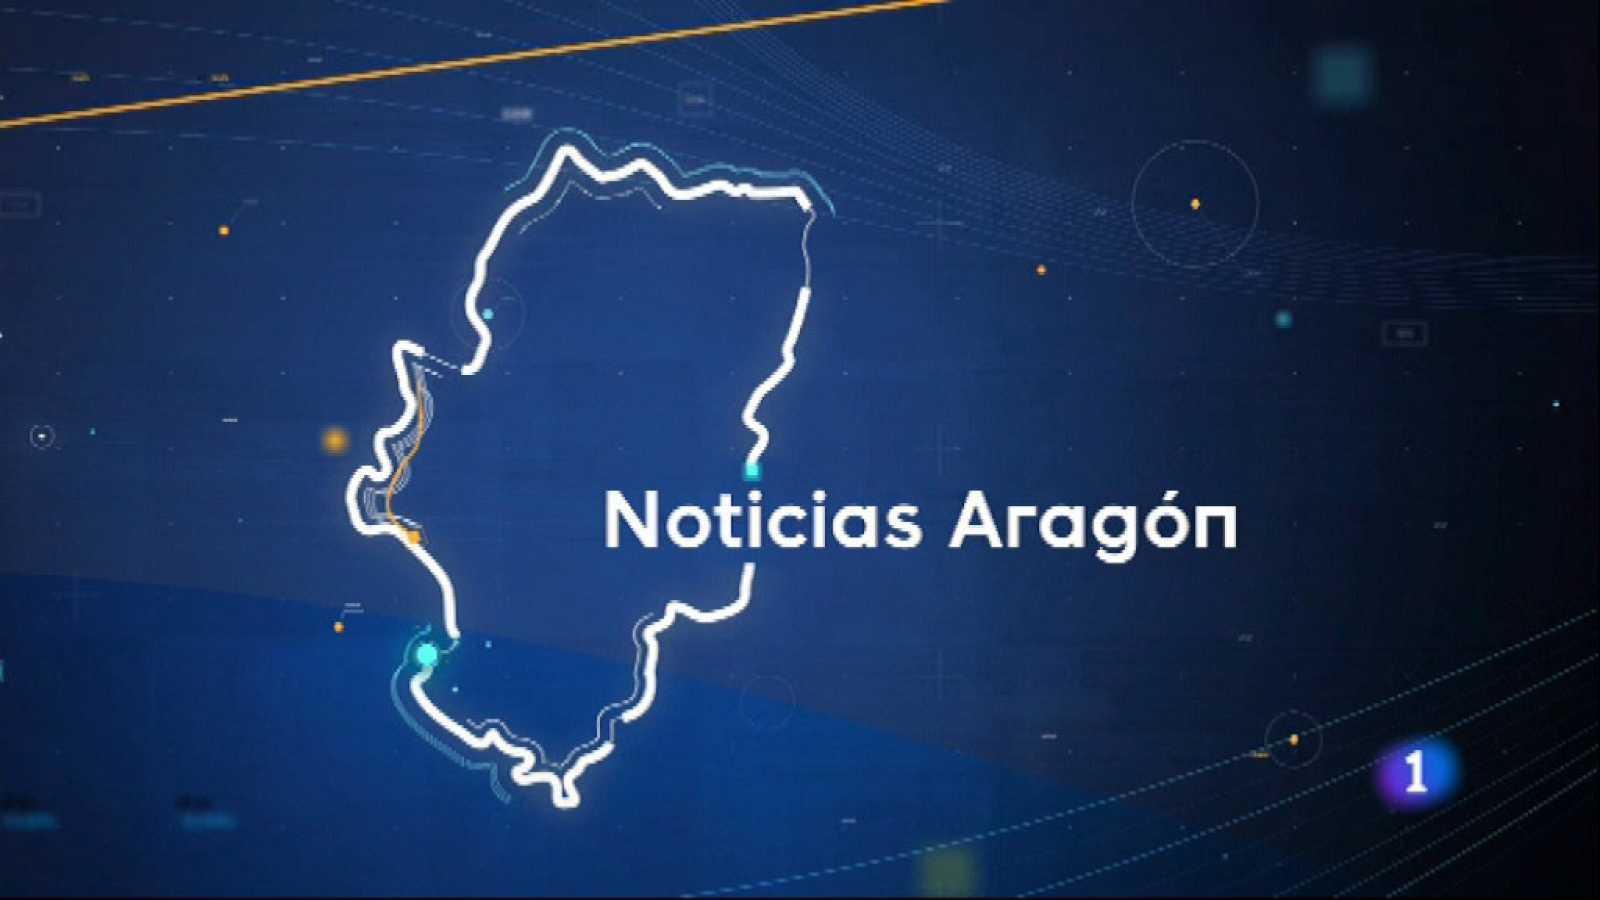 Aragón en 2 - dd/mm/aa - Ver ahora